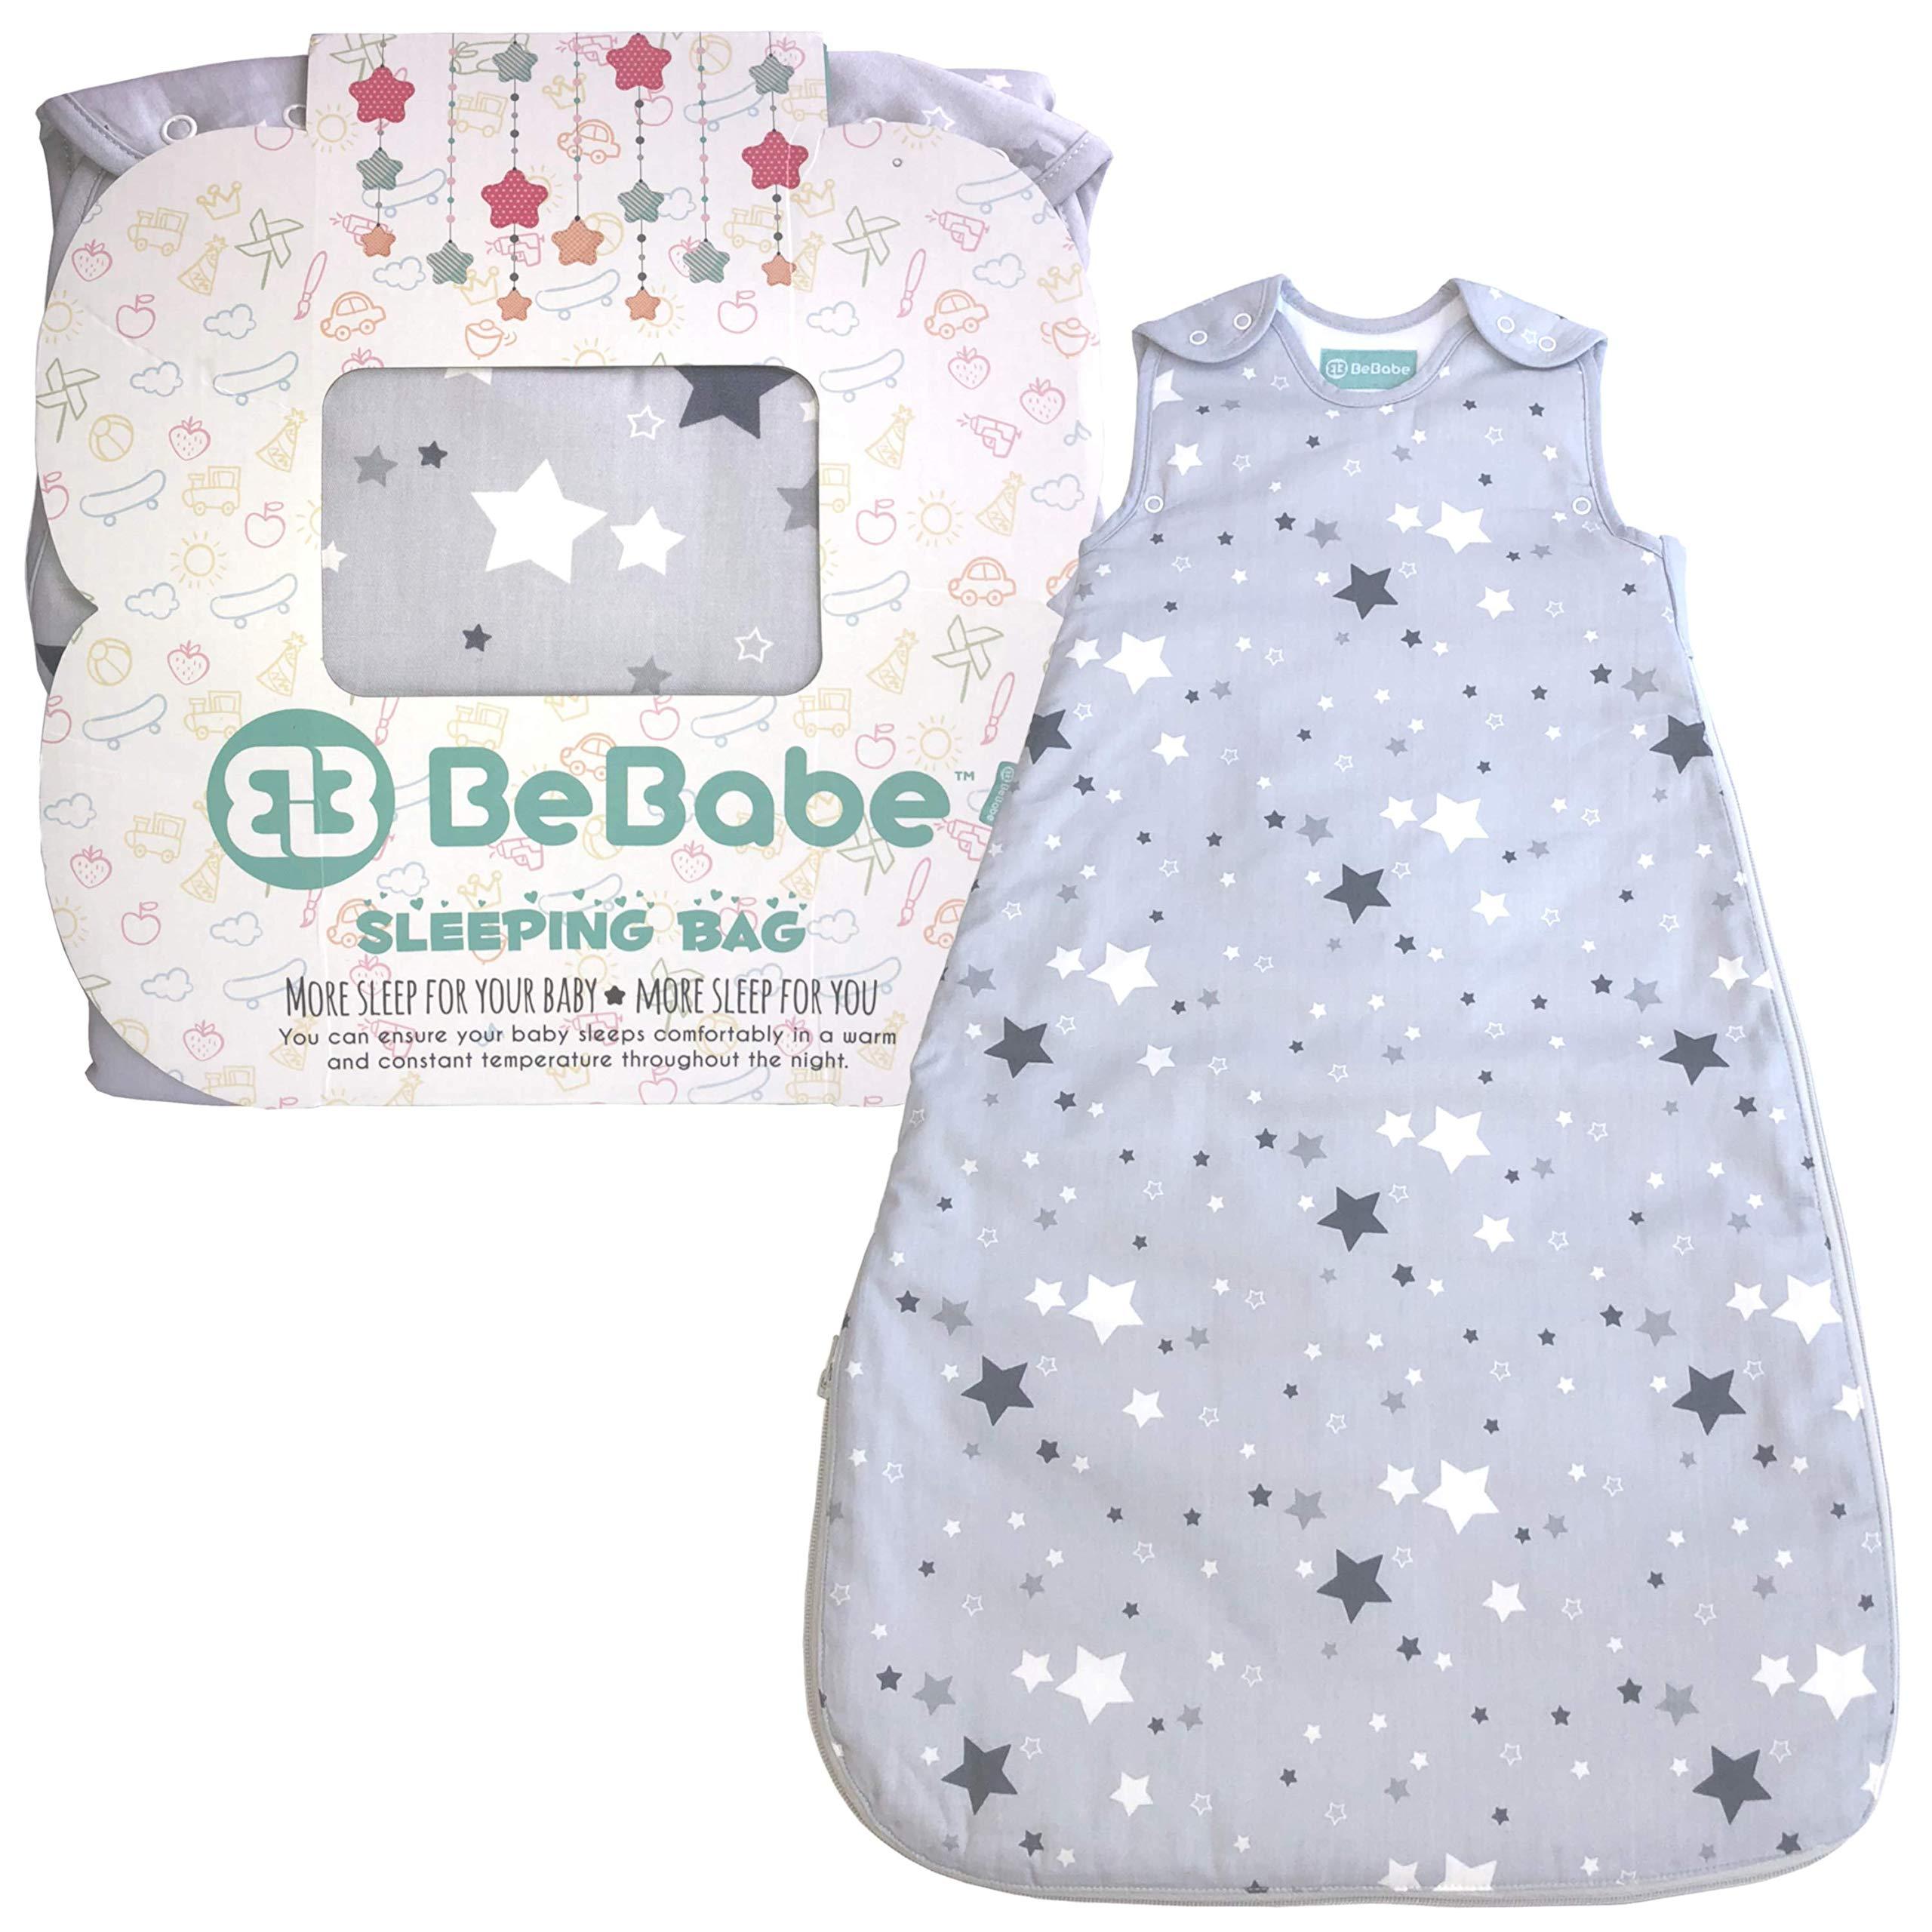 Saco de dormir para bebés tog 2,5 Be Babe | 6-18 meses | Saco de dormir para recién nacidos, niños o niñas | Doble…